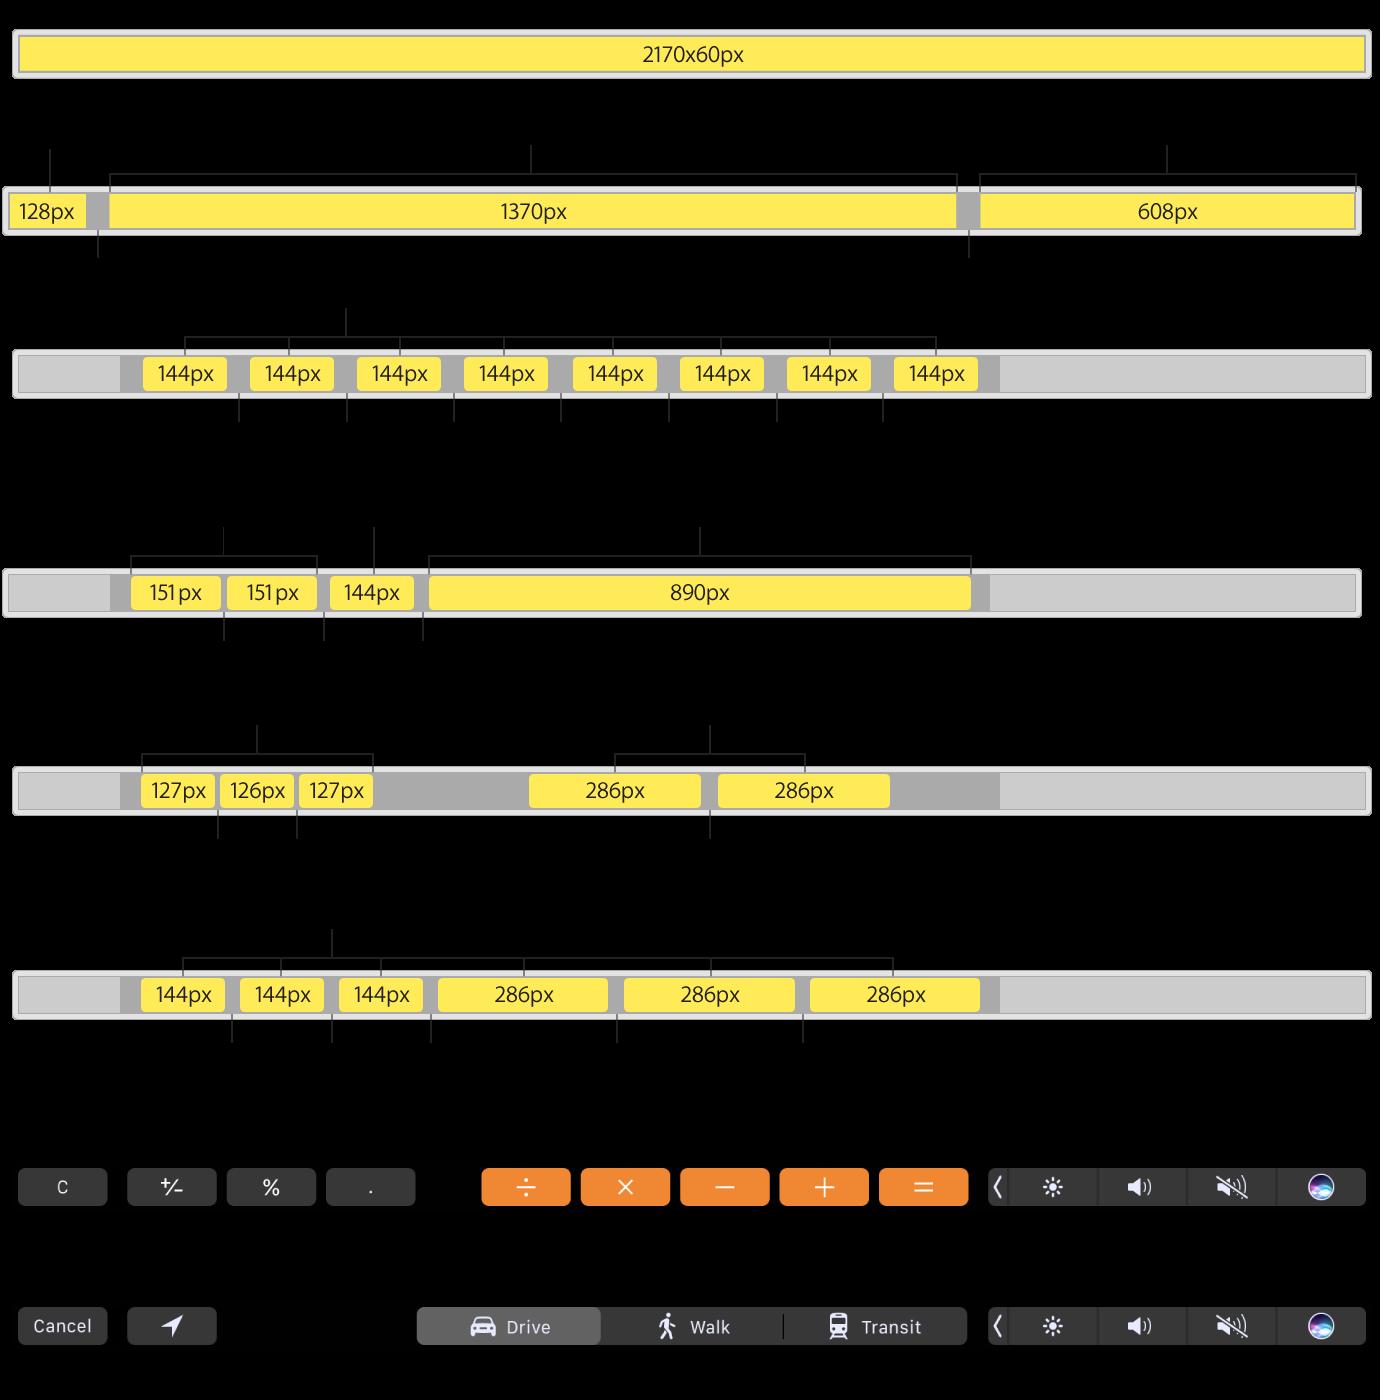 touchbar_layout_cheatsheet